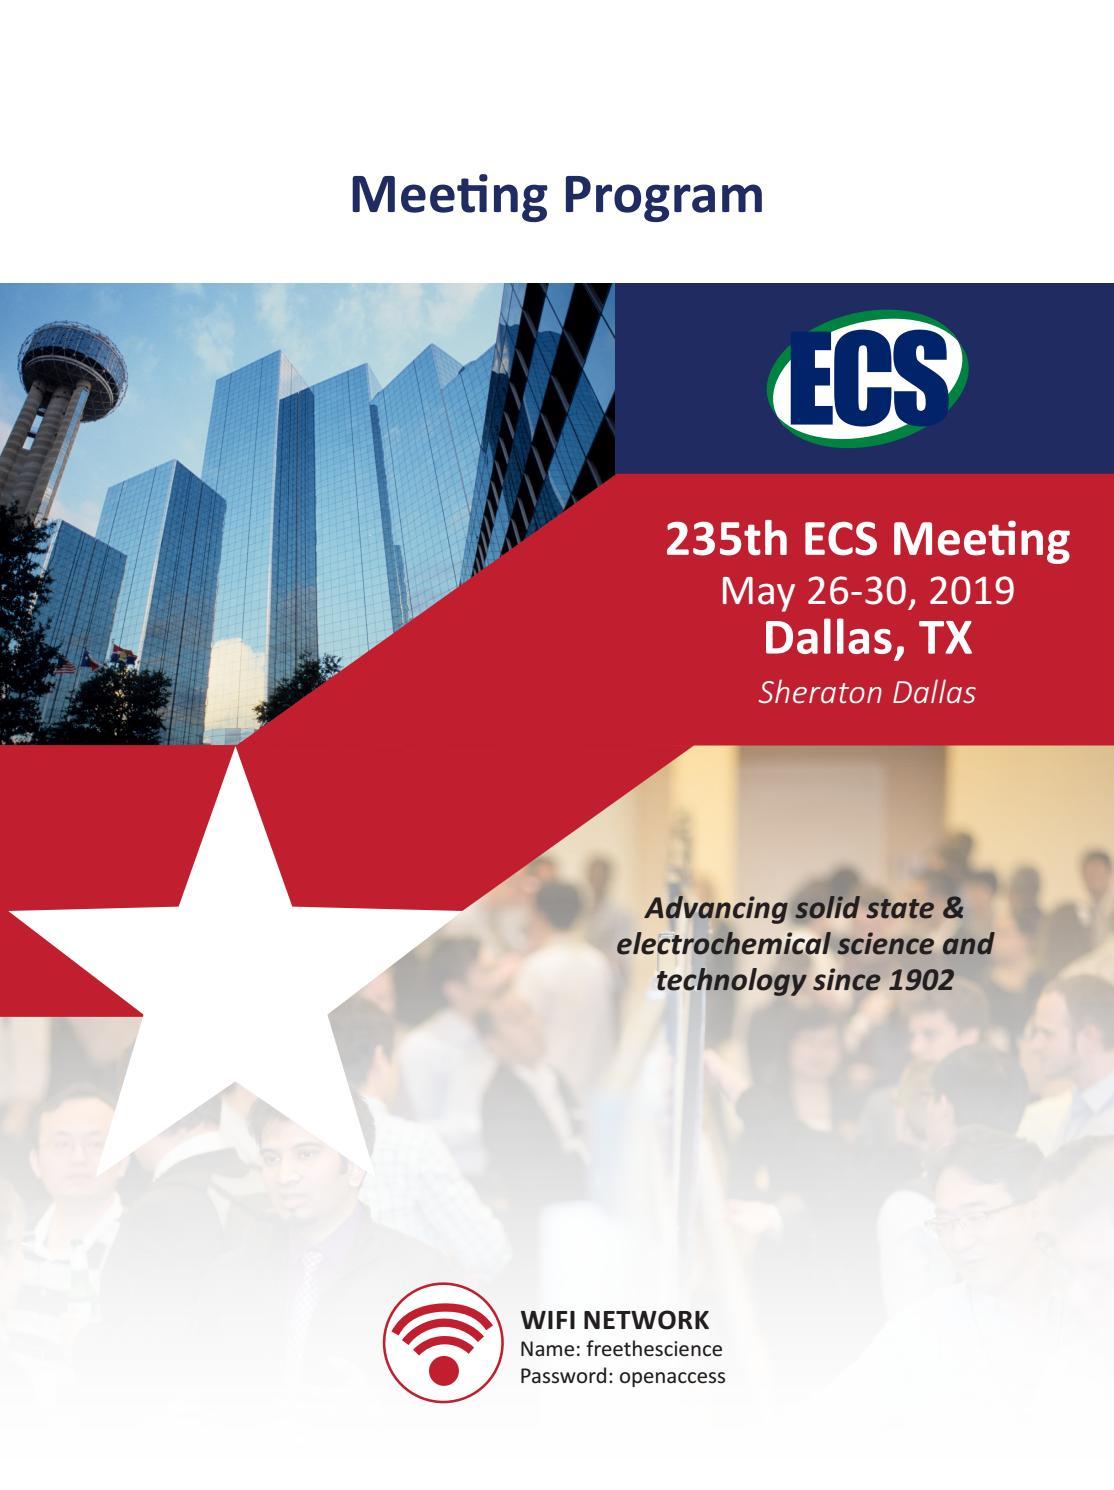 3a2d053f1c 235th ECS Meeting